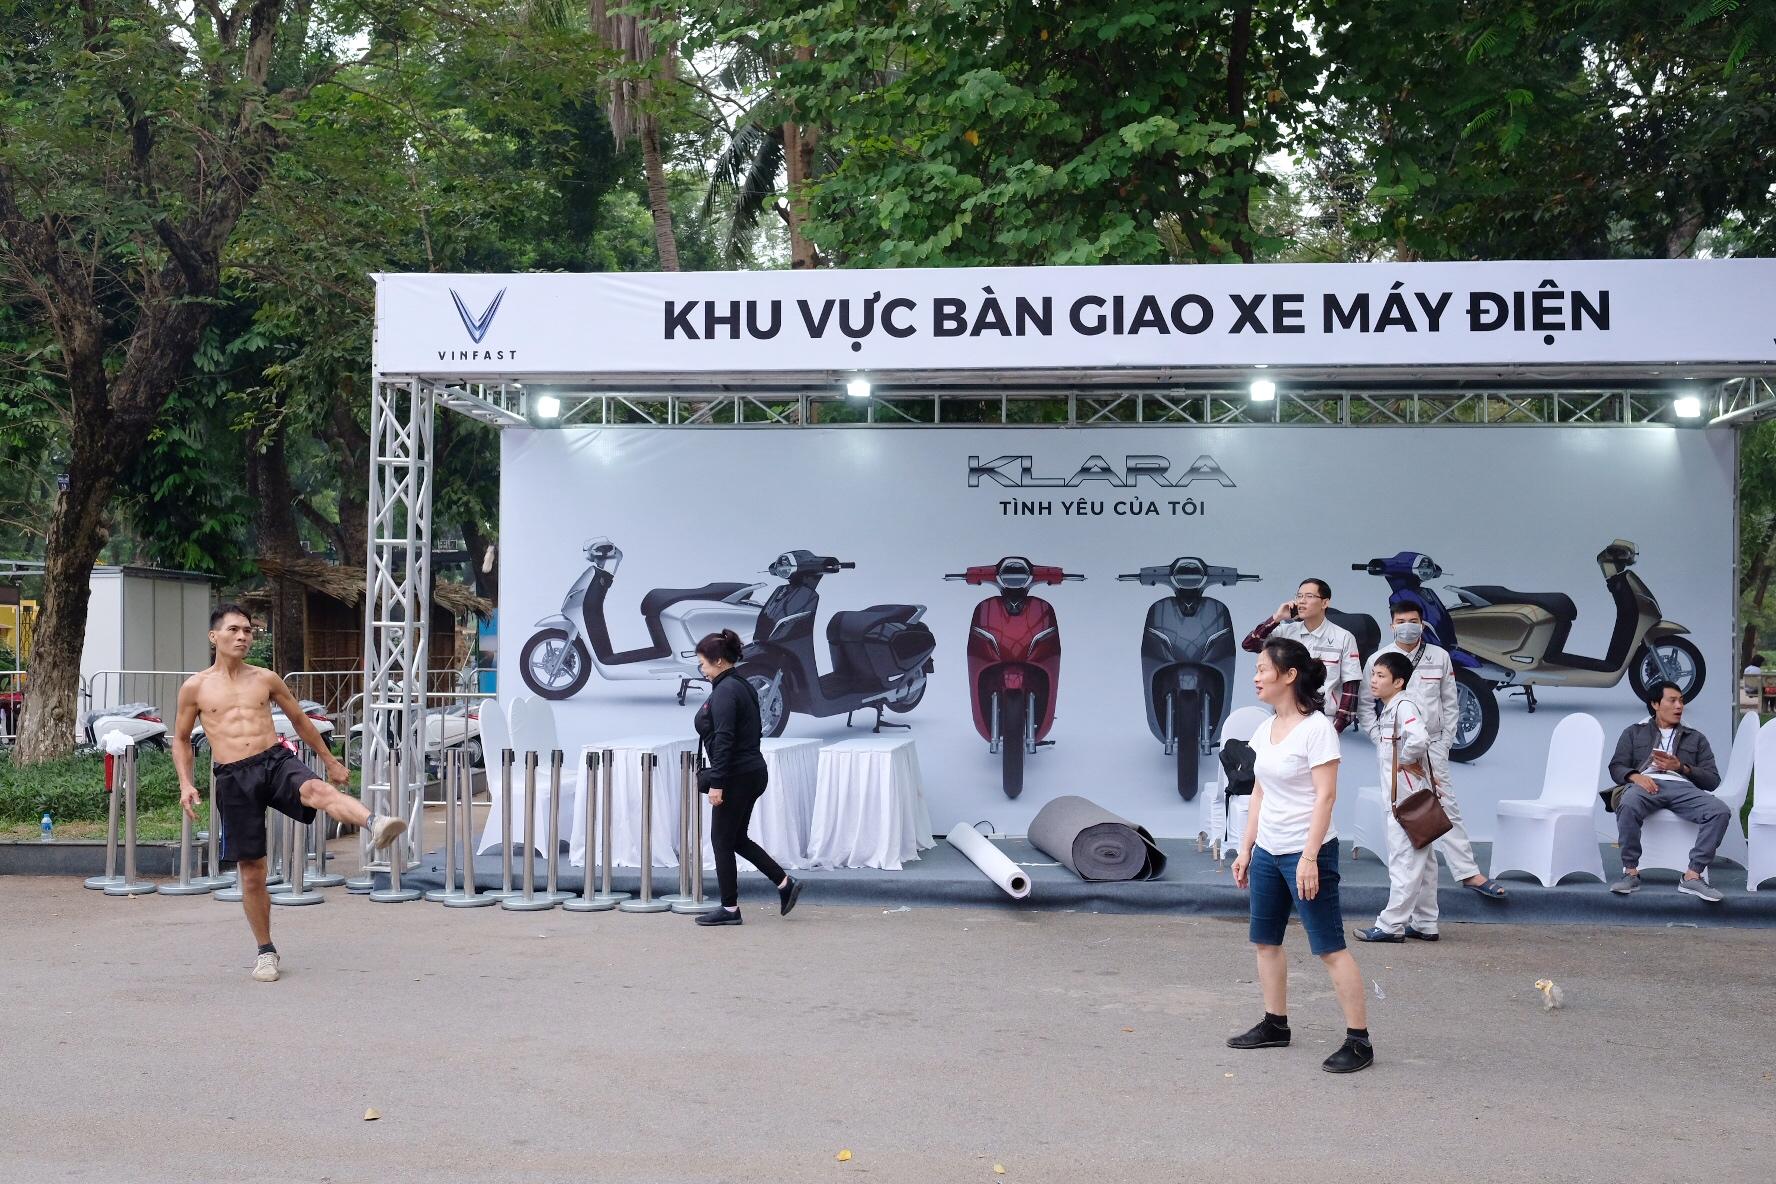 Những hình ảnh mới nhất của ô tô Vinfast chuẩn bị lễ ra mắt tại Hà Nội 7